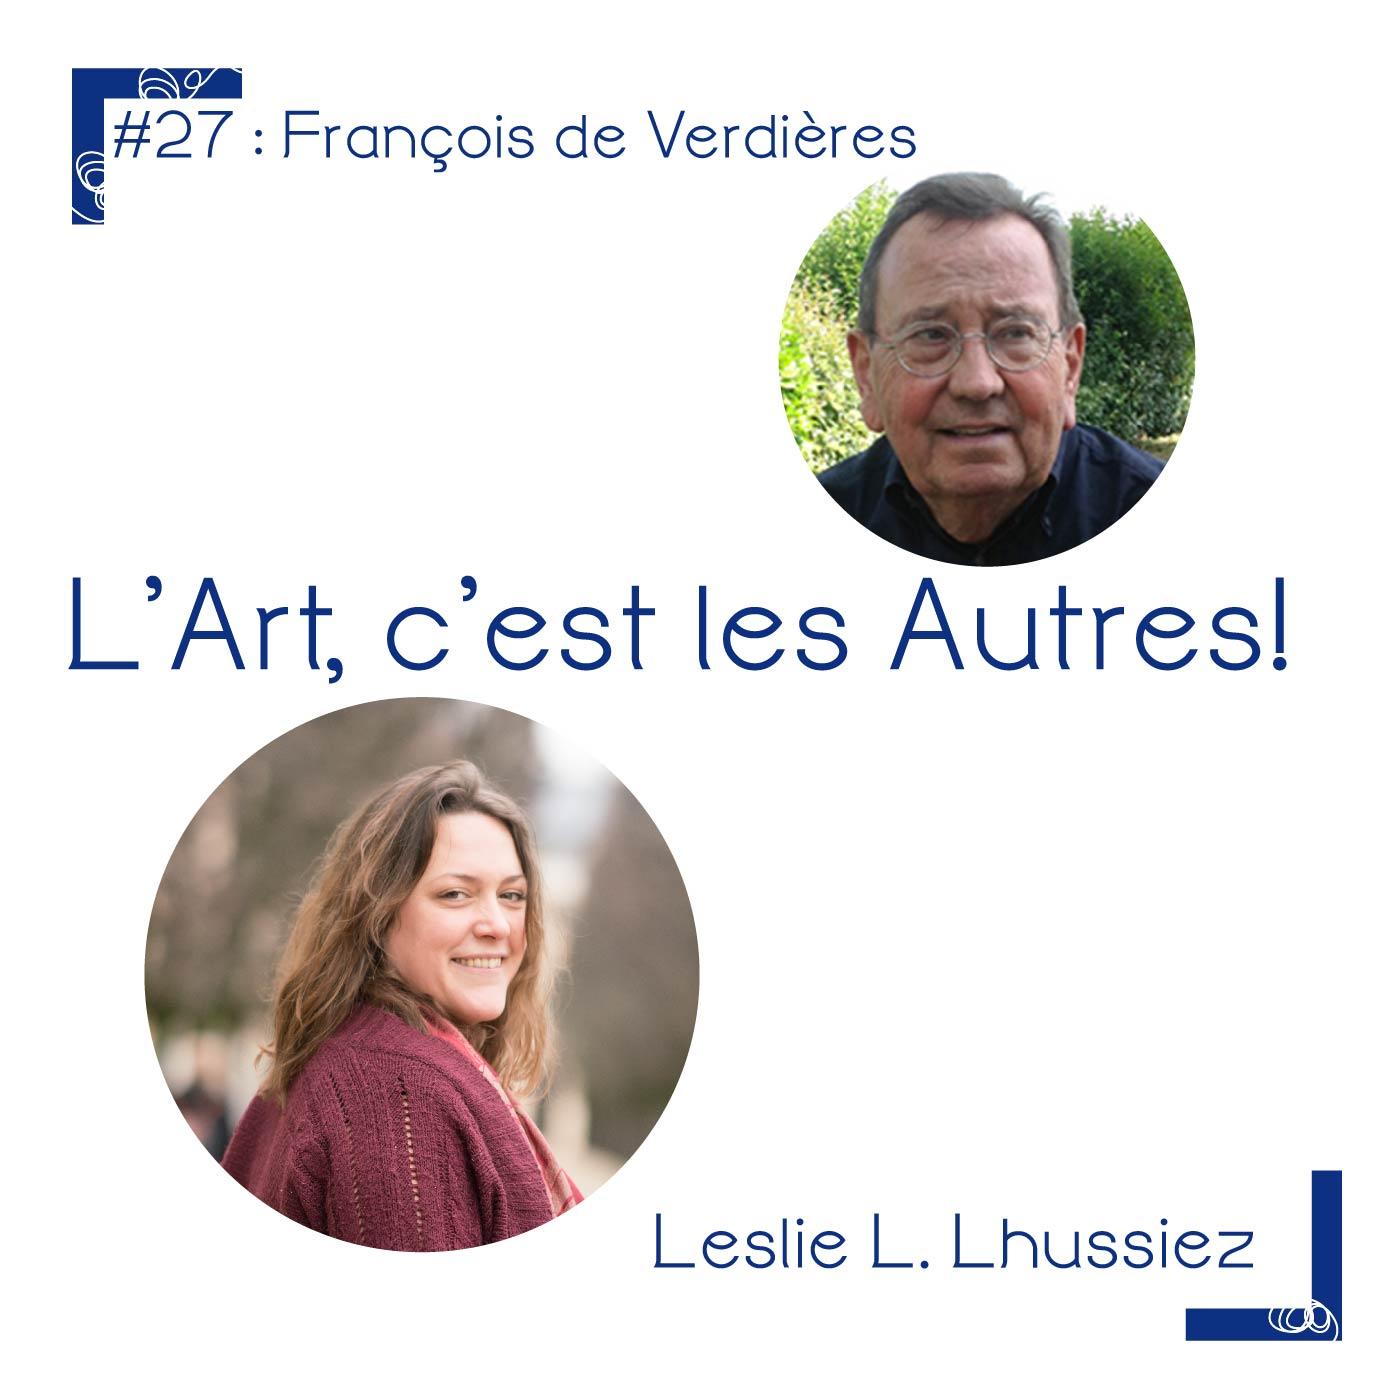 #27 François De Verdière, Président de la Maison des artistes